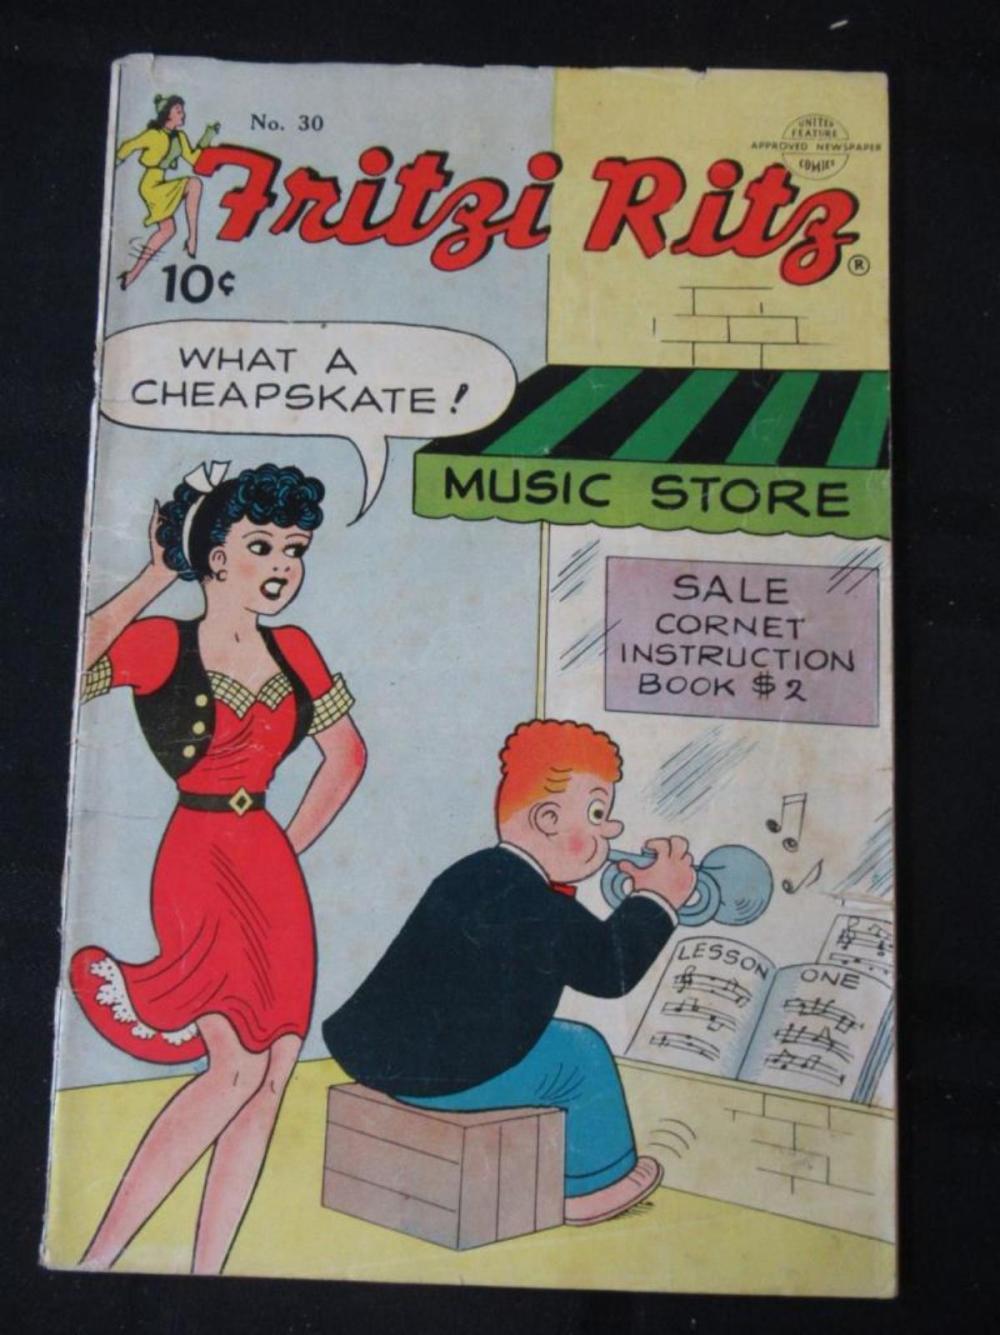 Fritzi Ritz 10c #30 Music Store - Cheapskate